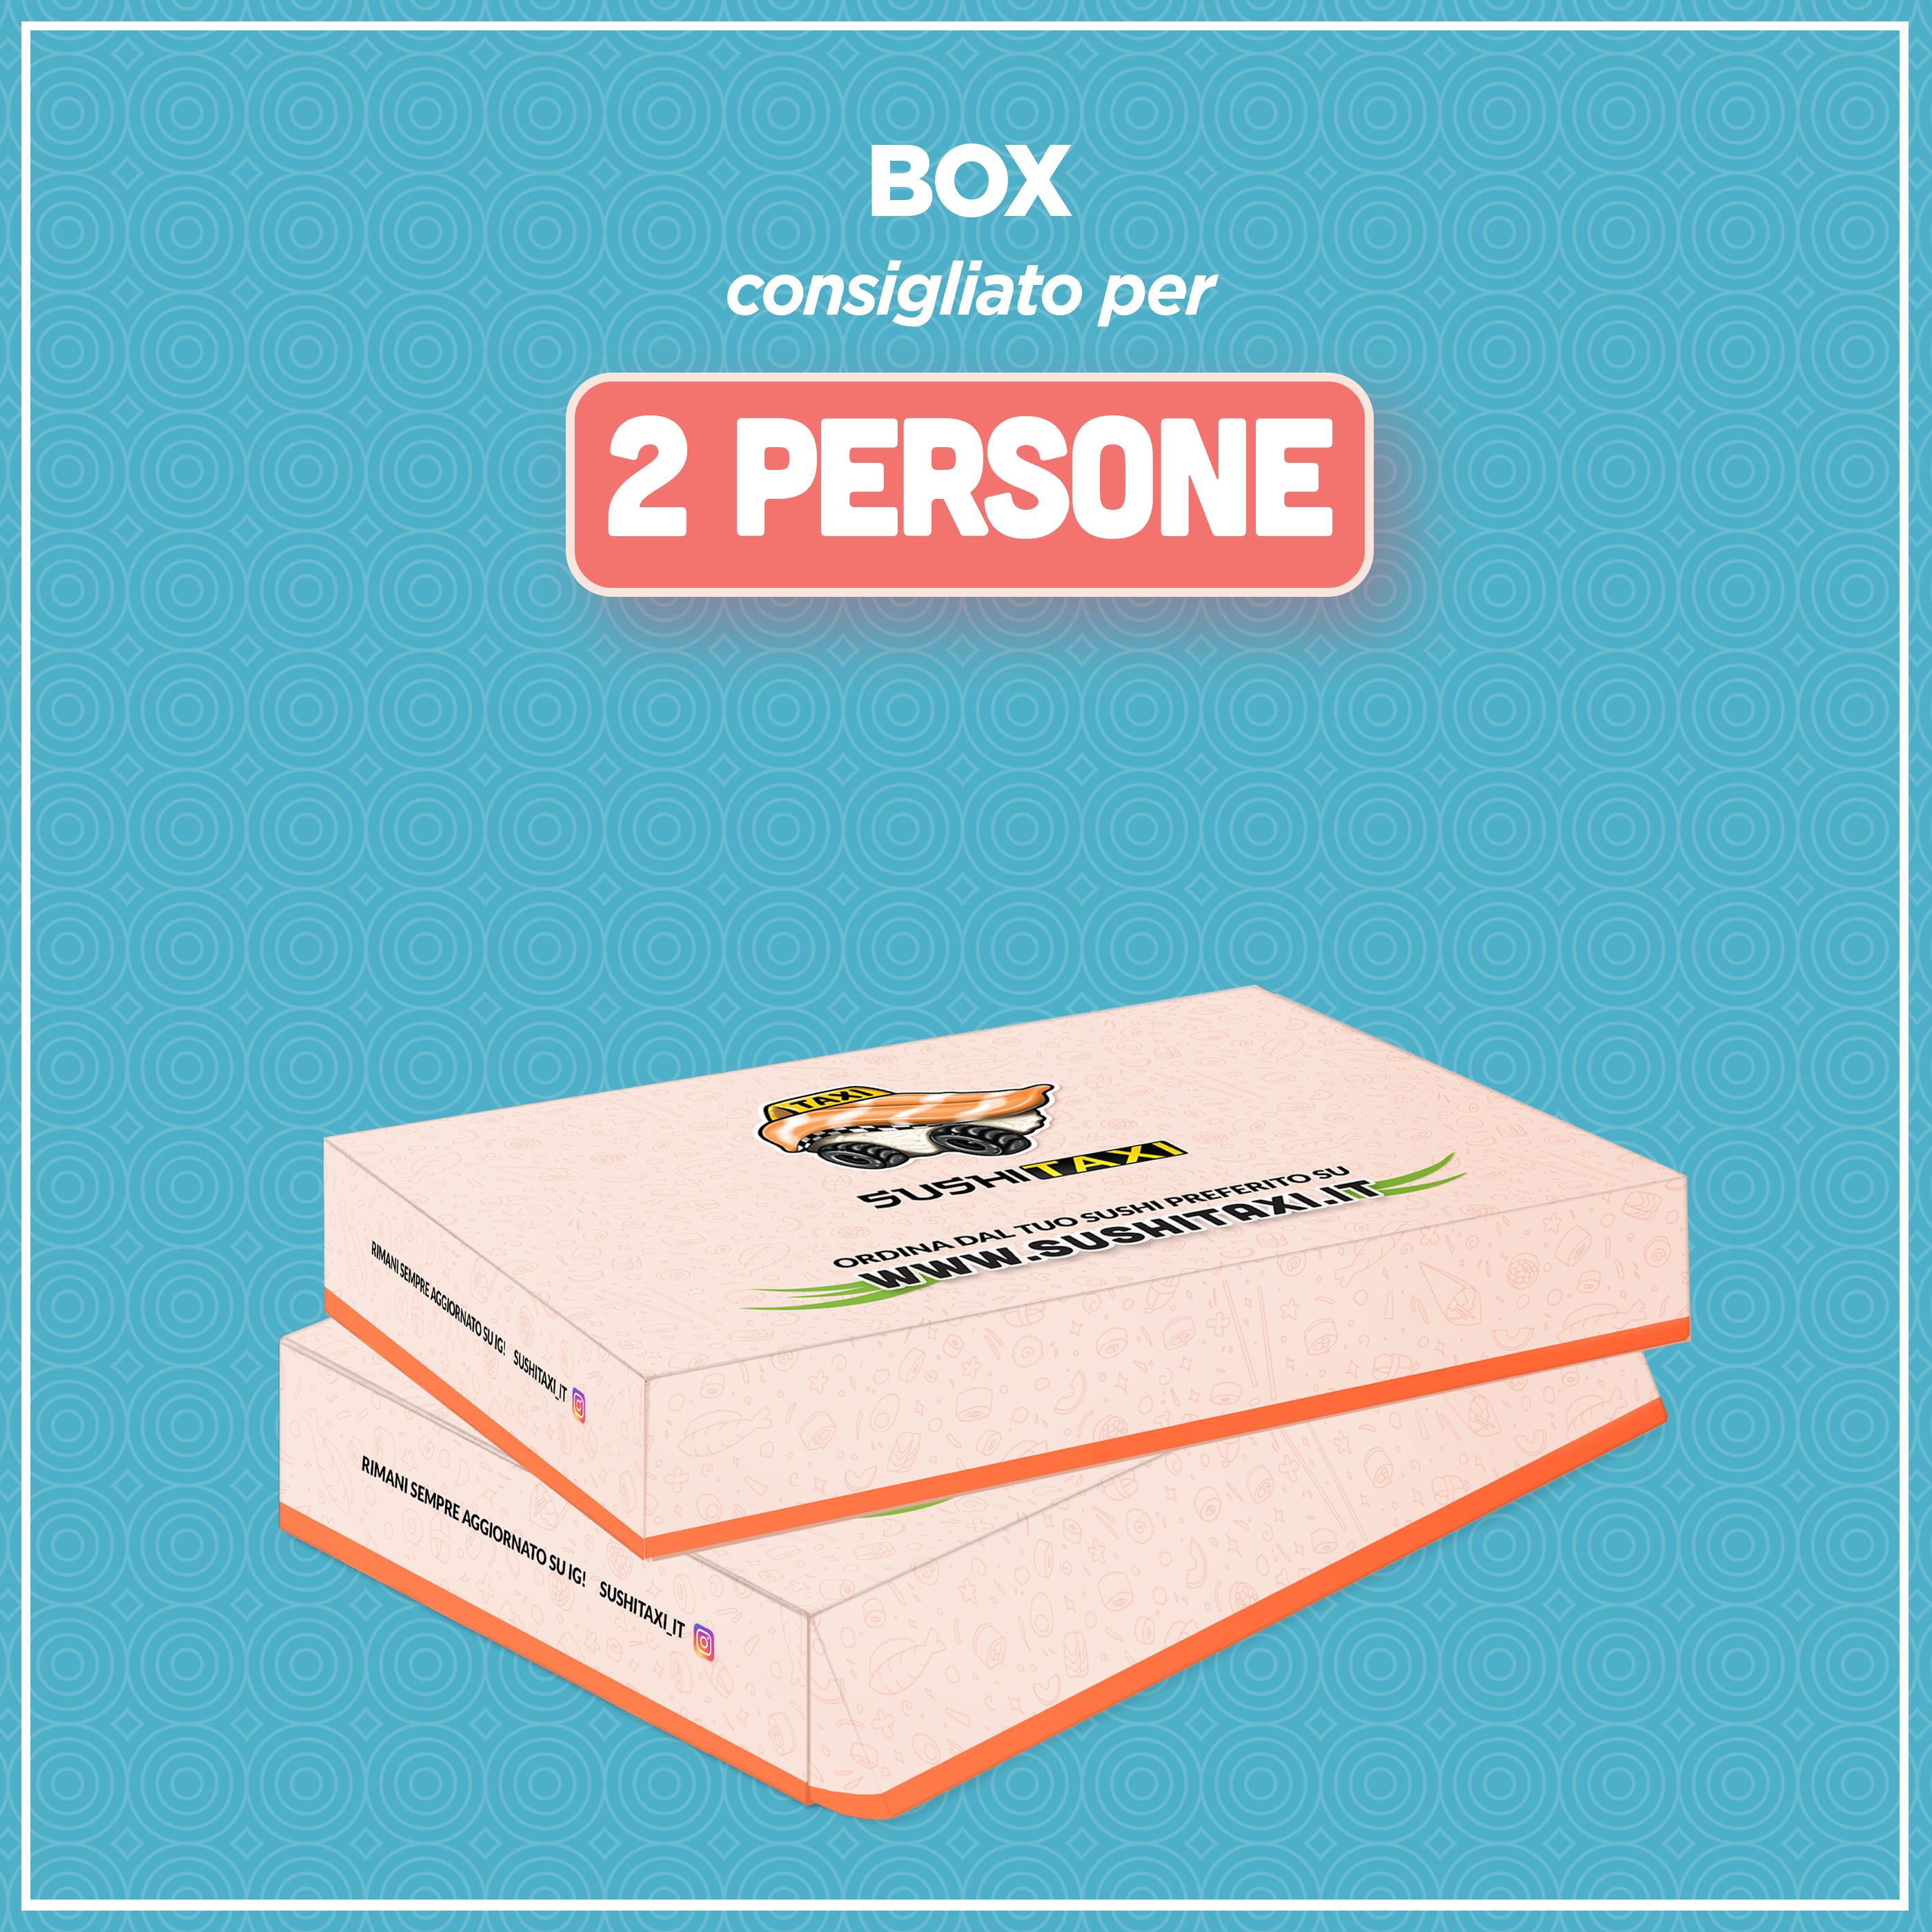 Box consigliato per 2 persone